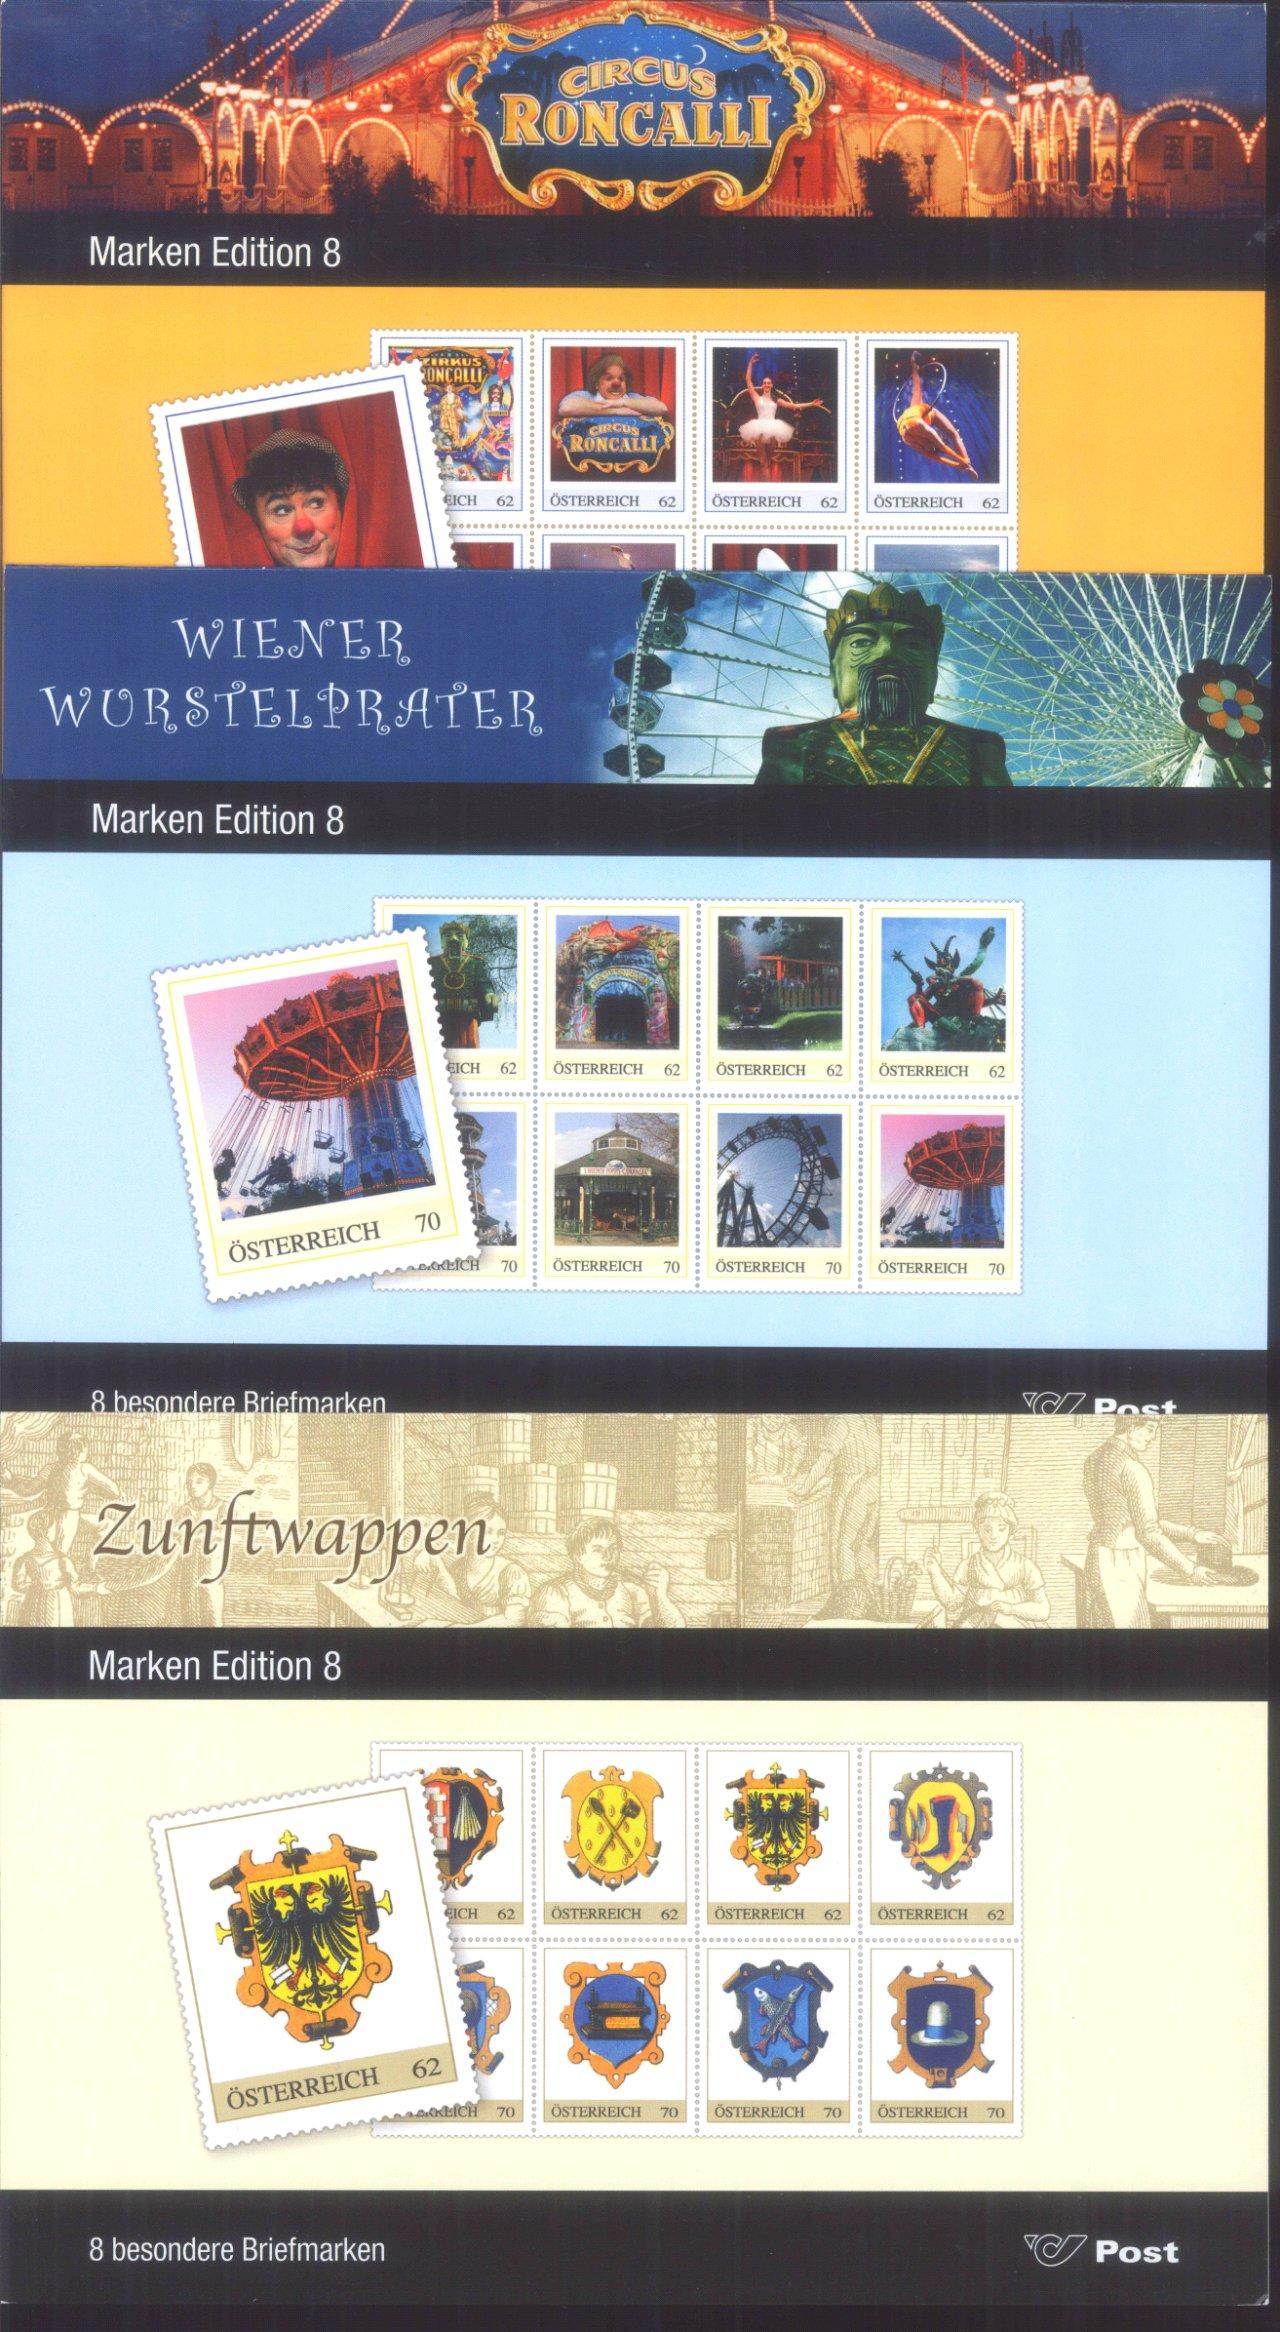 ÖSTERREICH 2011, Marken Edition 8